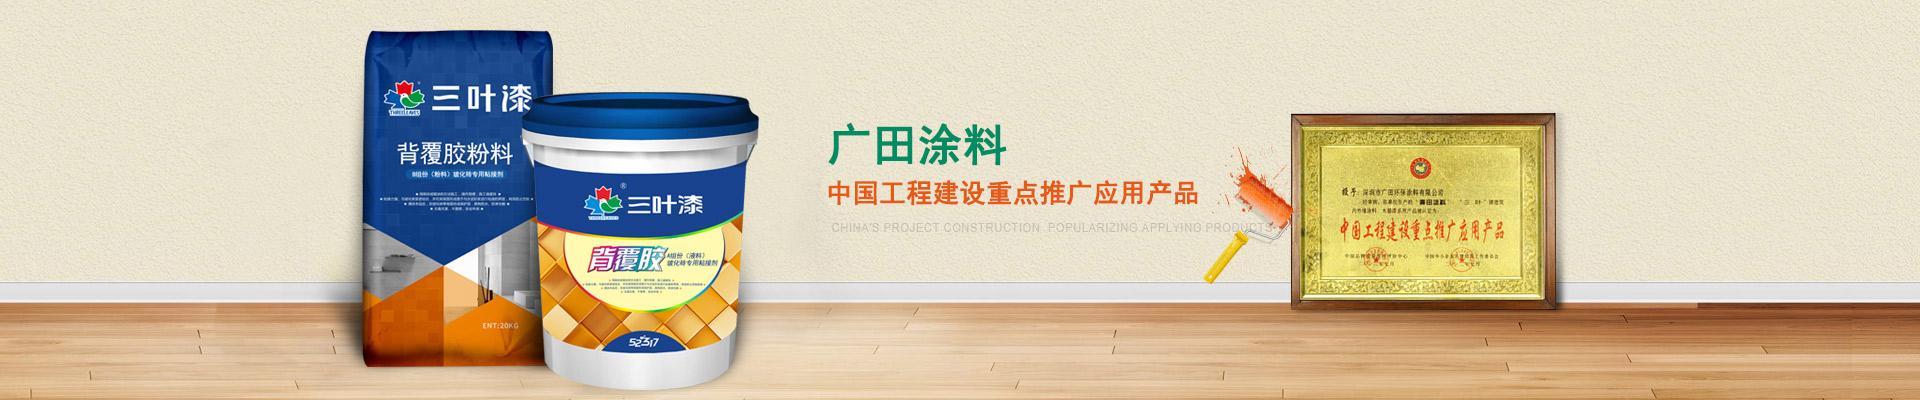 广田涂料-中国工程建设重点推广应用产品